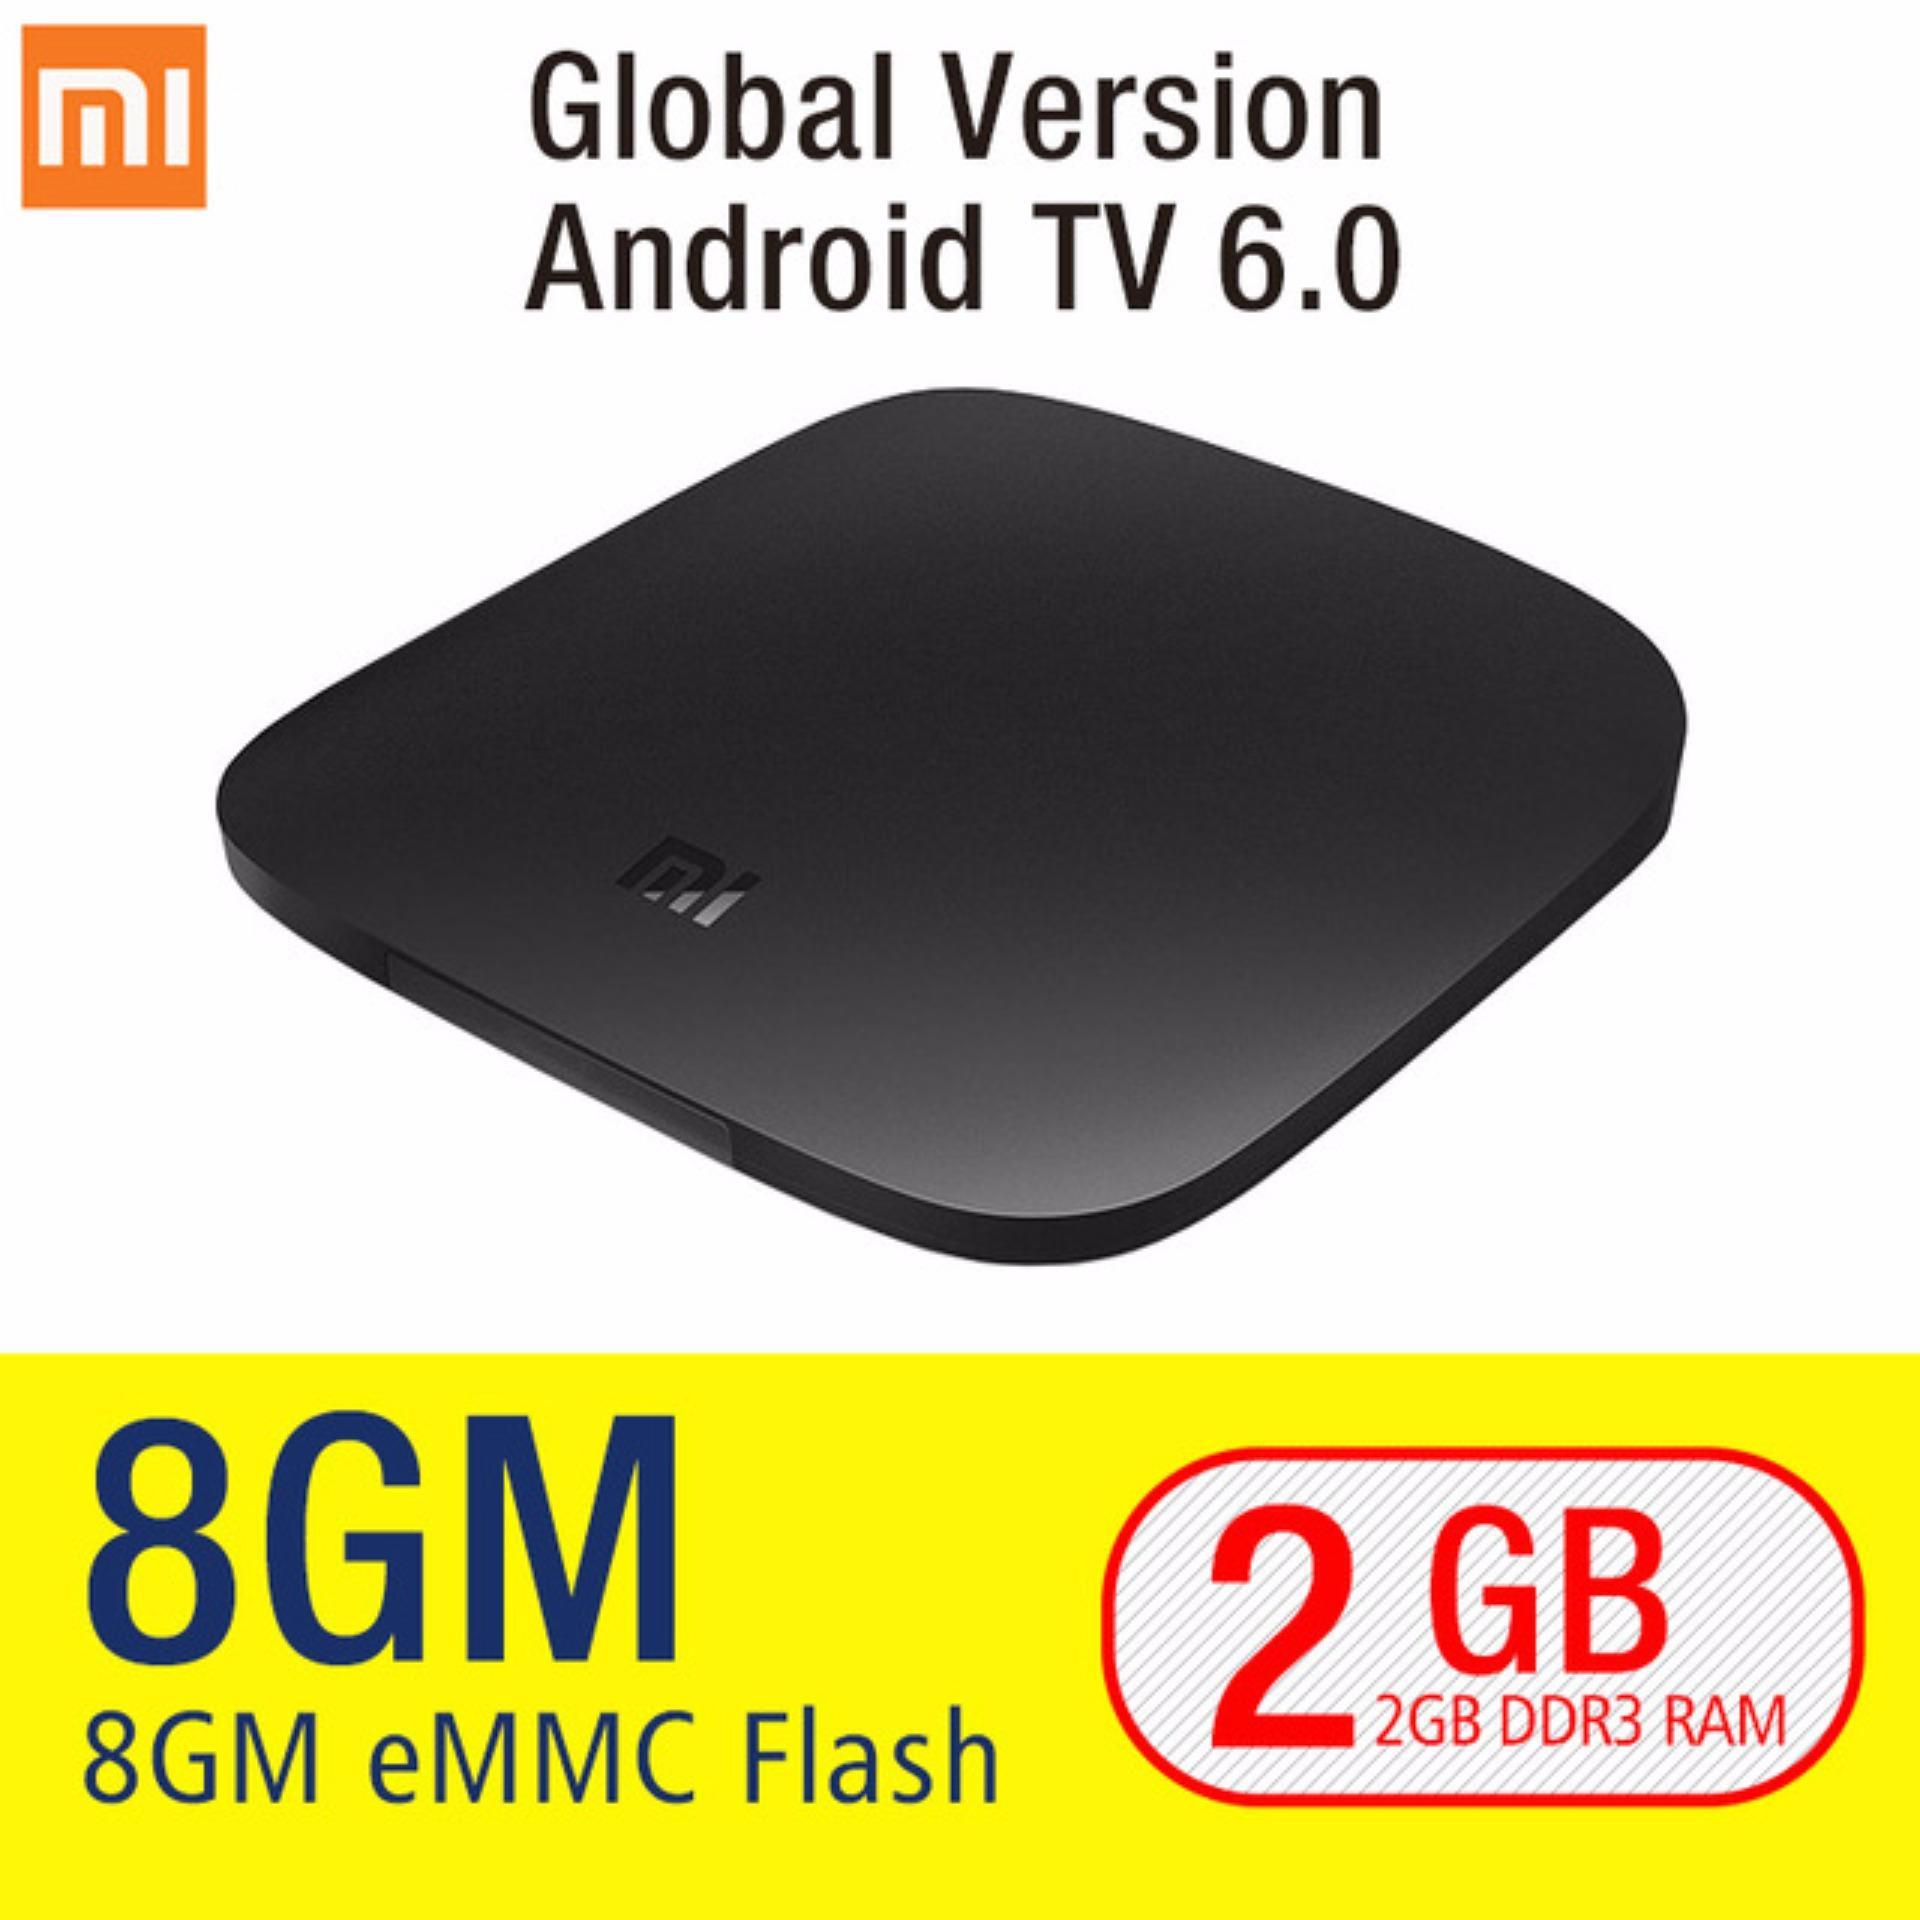 Sale Global Version Xiaomi Mi Tv Box 3 Wifi Bluetooth 64Bit 2Gb Ddr3 Android 6 Smart 4K Hd Tvbox Uk Plug On China